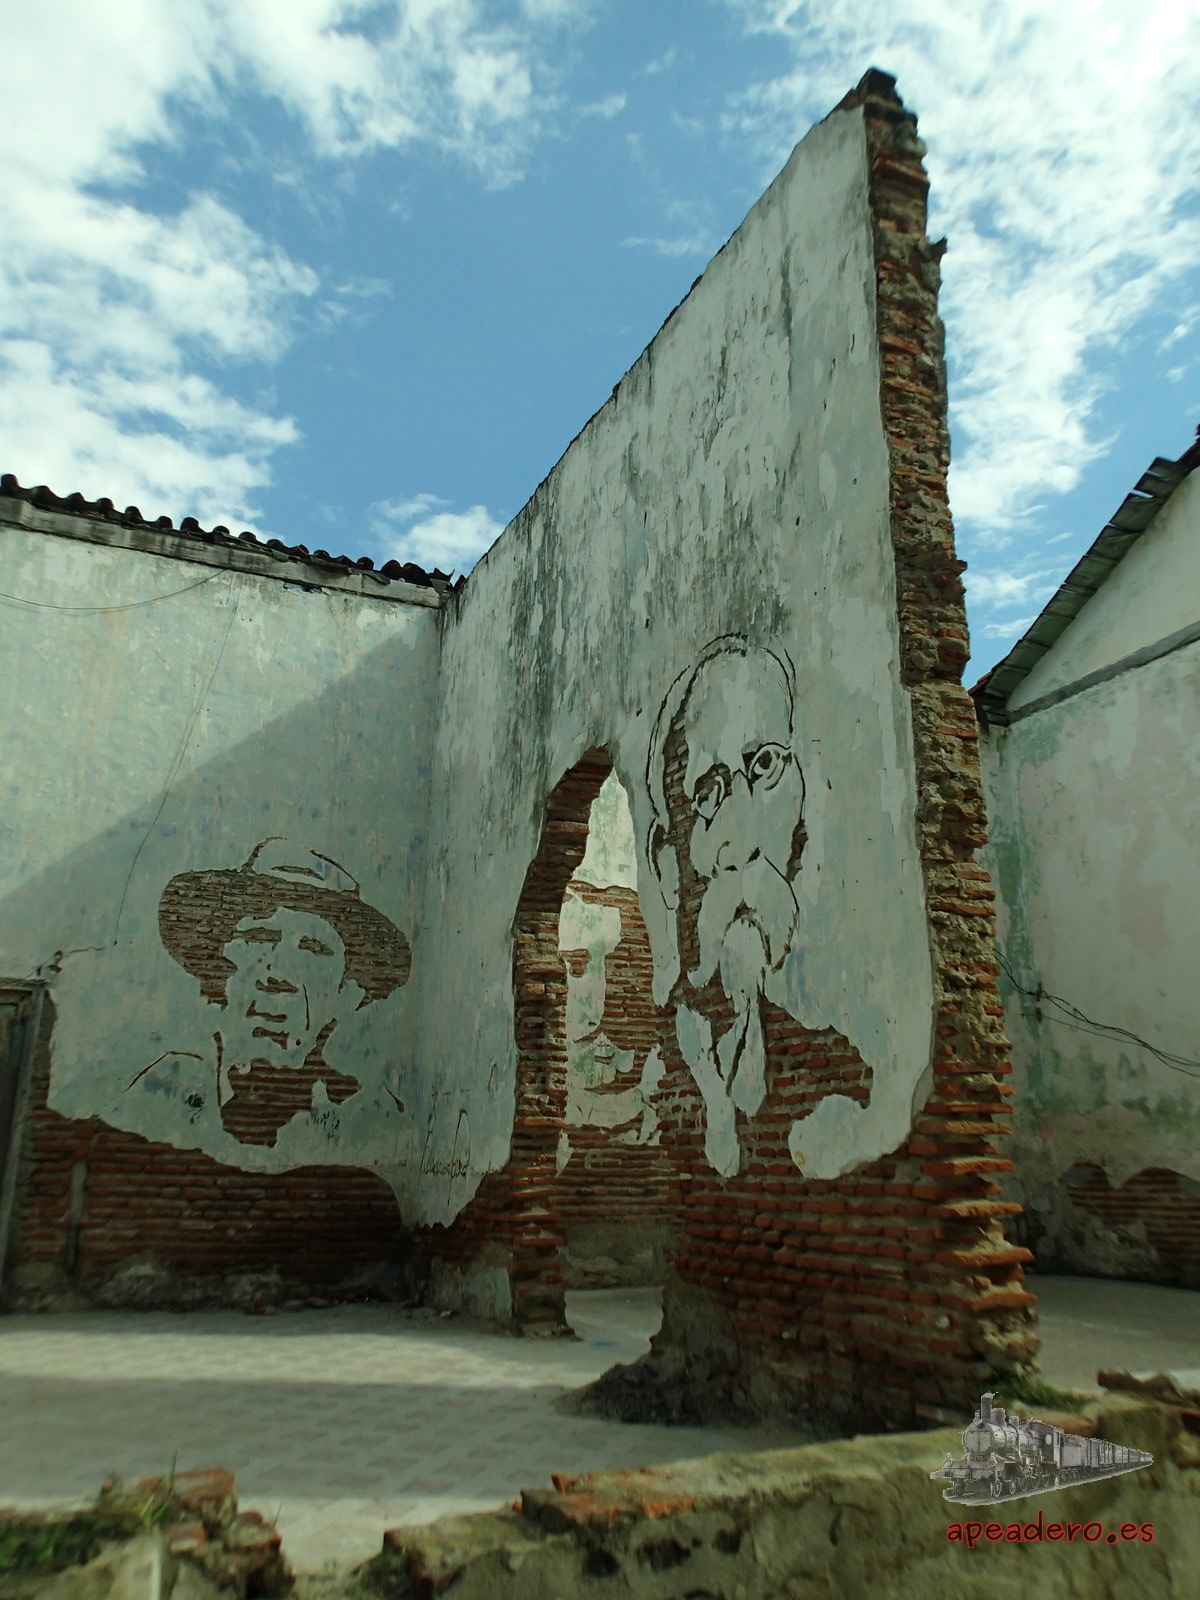 En cualquier ciudad, en cualquier rincón, dónde menos te lo esperas surge una pincelada de arte. Cuba es tierra de artistas.